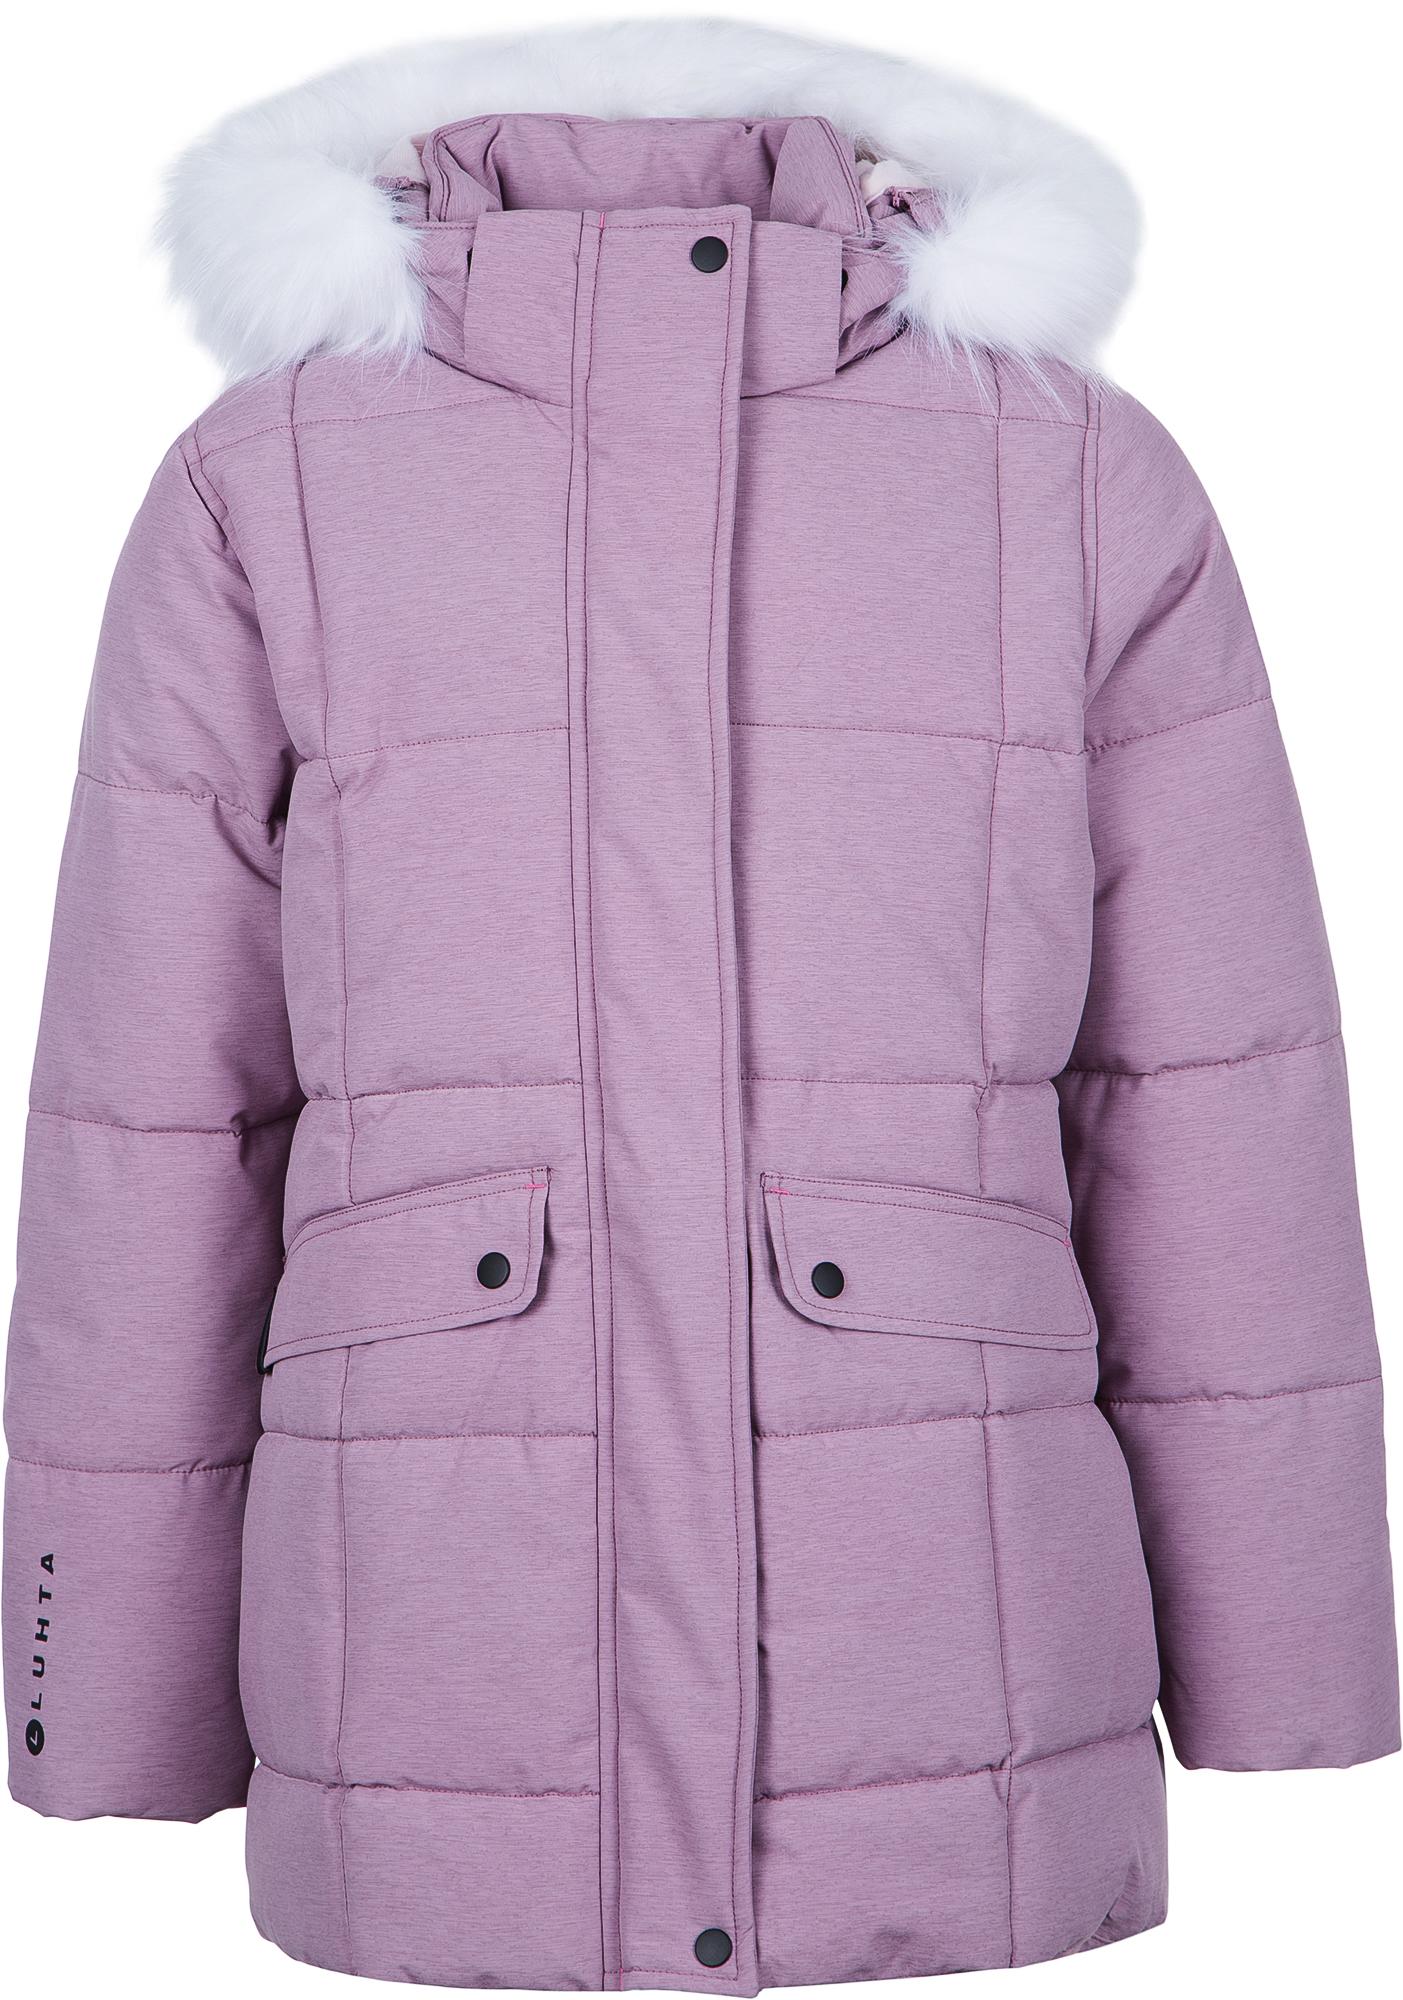 Luhta Куртка утепленная для девочек Luhta Lepola, размер 164 куртка утепленная luhta luhta lu692ewcovk3